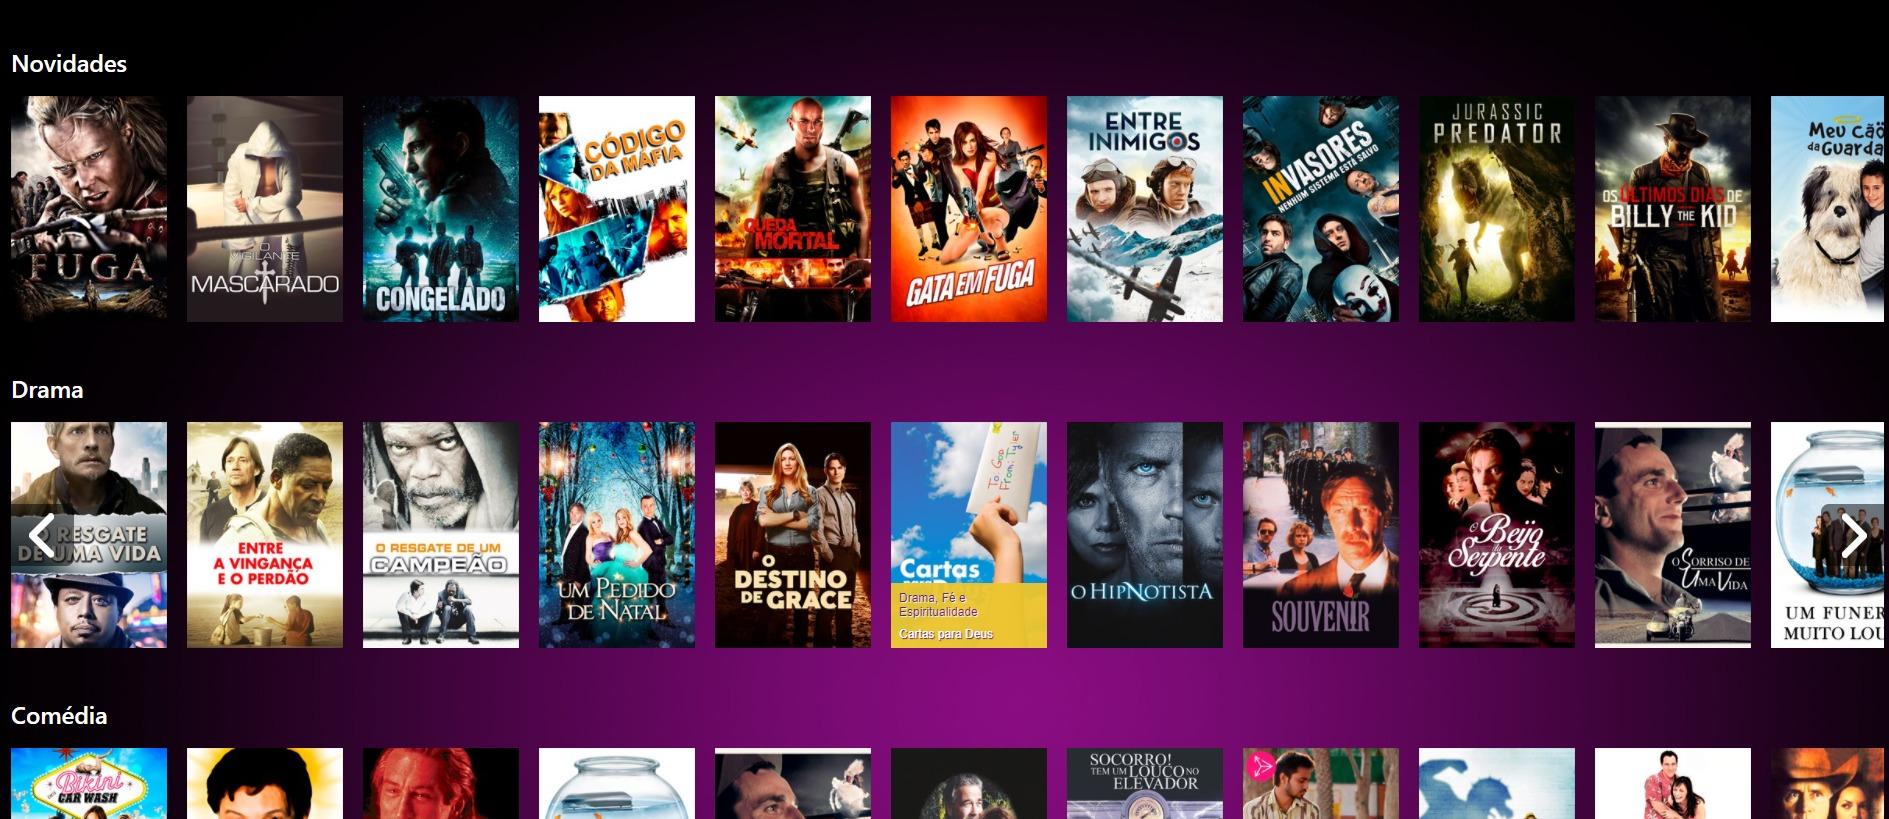 A brasileira NetMovies traz apenas conteúdos grátis (Imagem: reprodução / NetMovies)